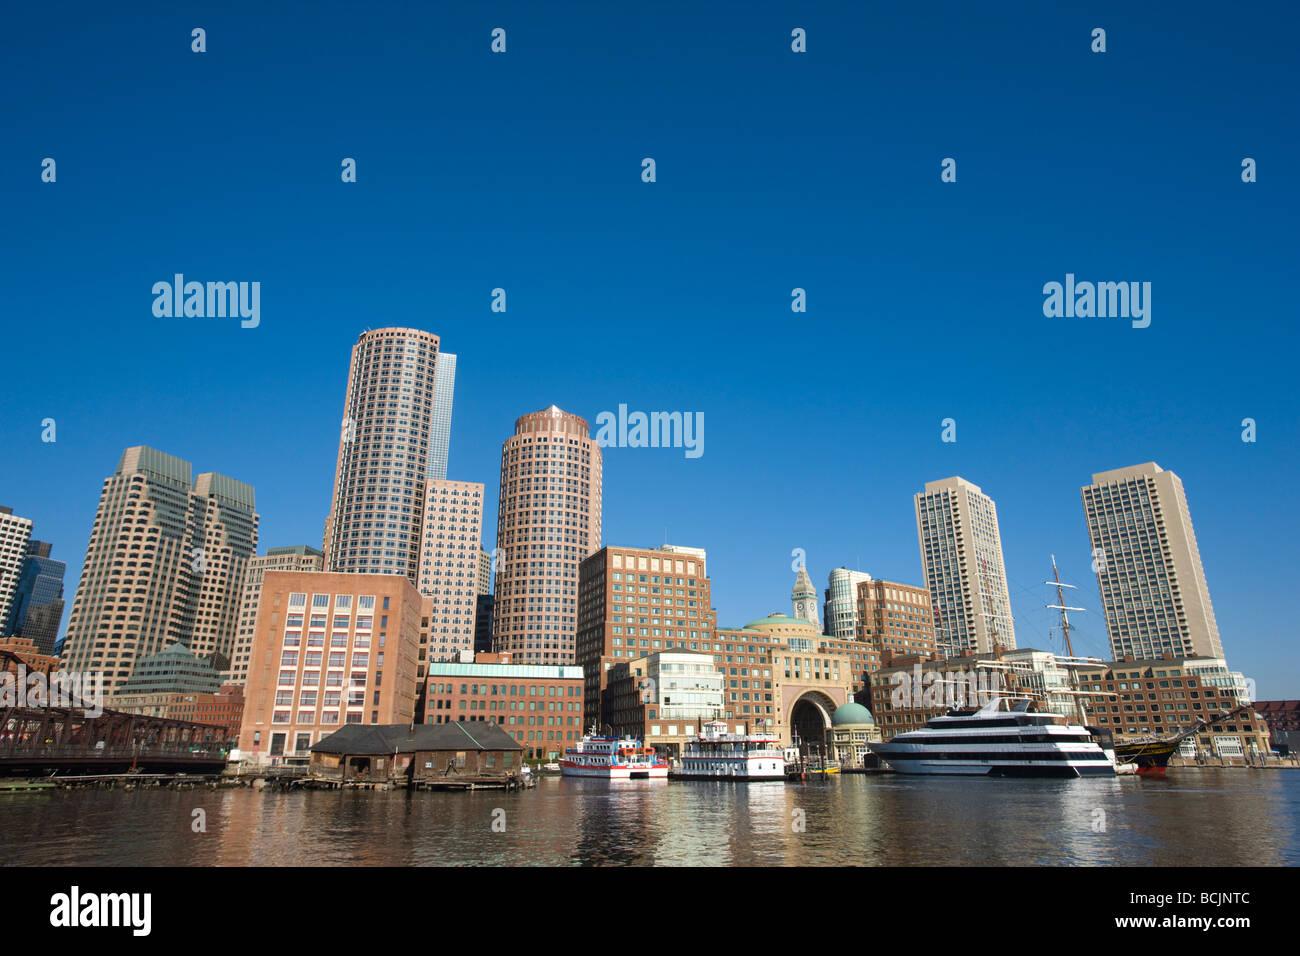 USA, Massachusetts, Boston, Rowe's Wharf - Stock Image